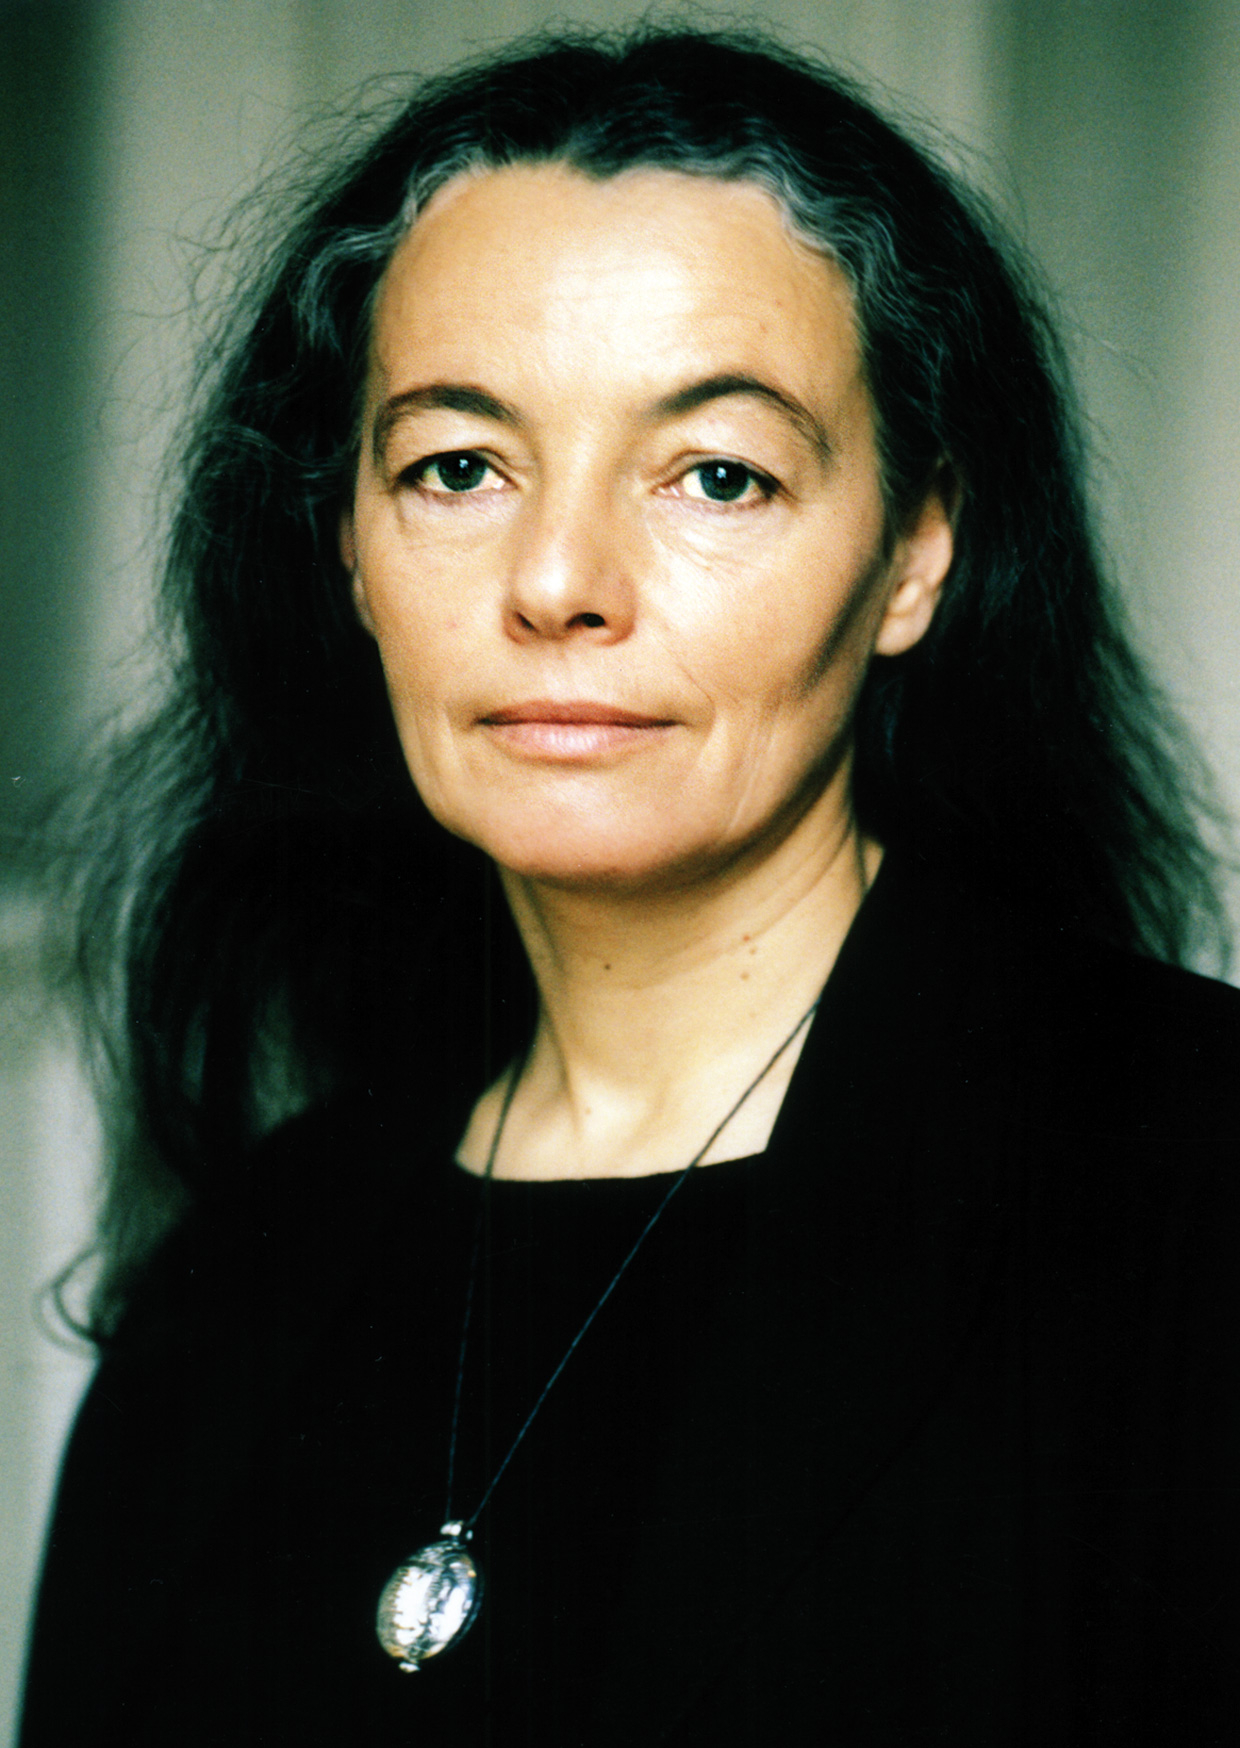 Anne Marie Briest blanche kommerell - wikipedia